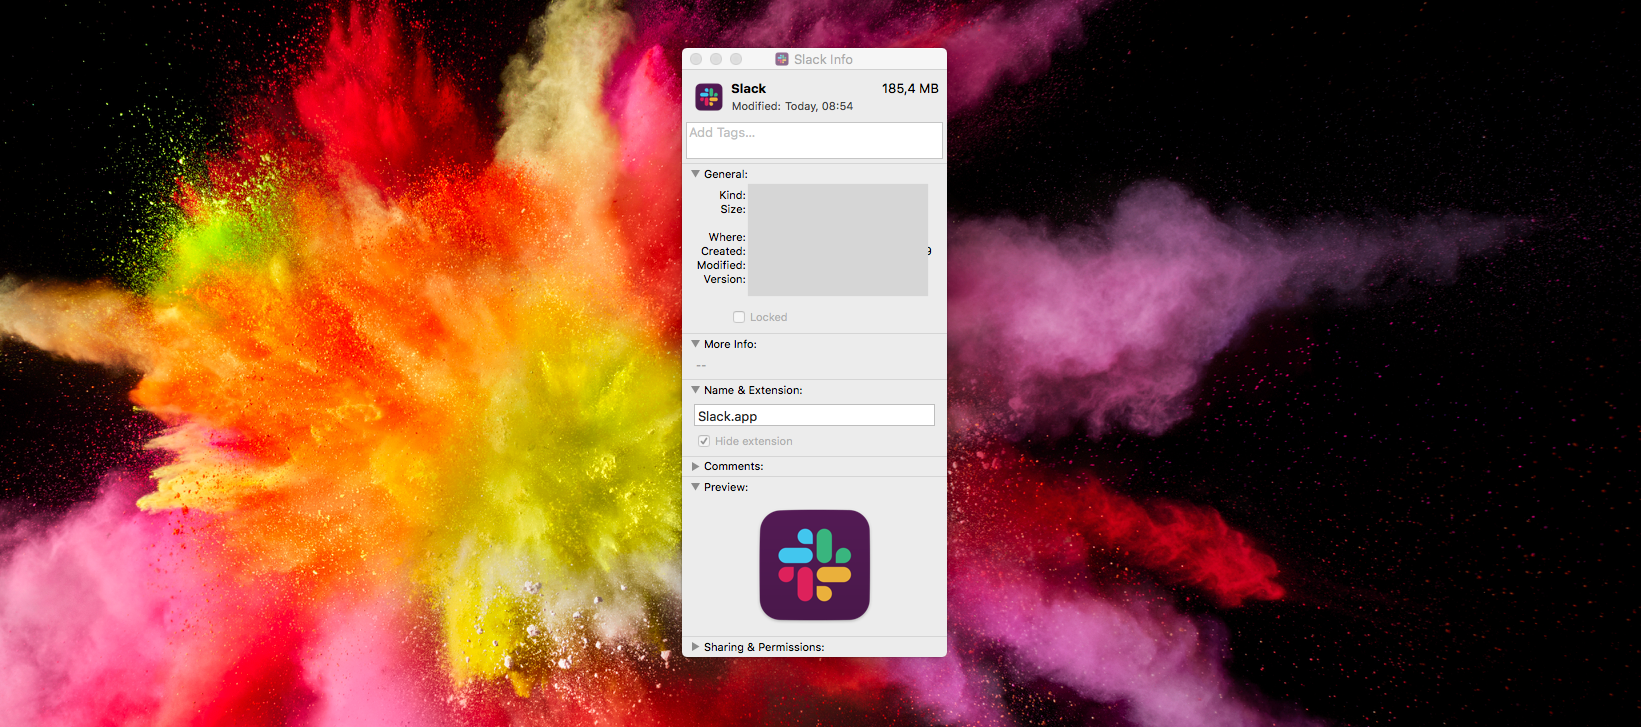 Cách thay đổi logo Slack trên máy Mac của bạn 3